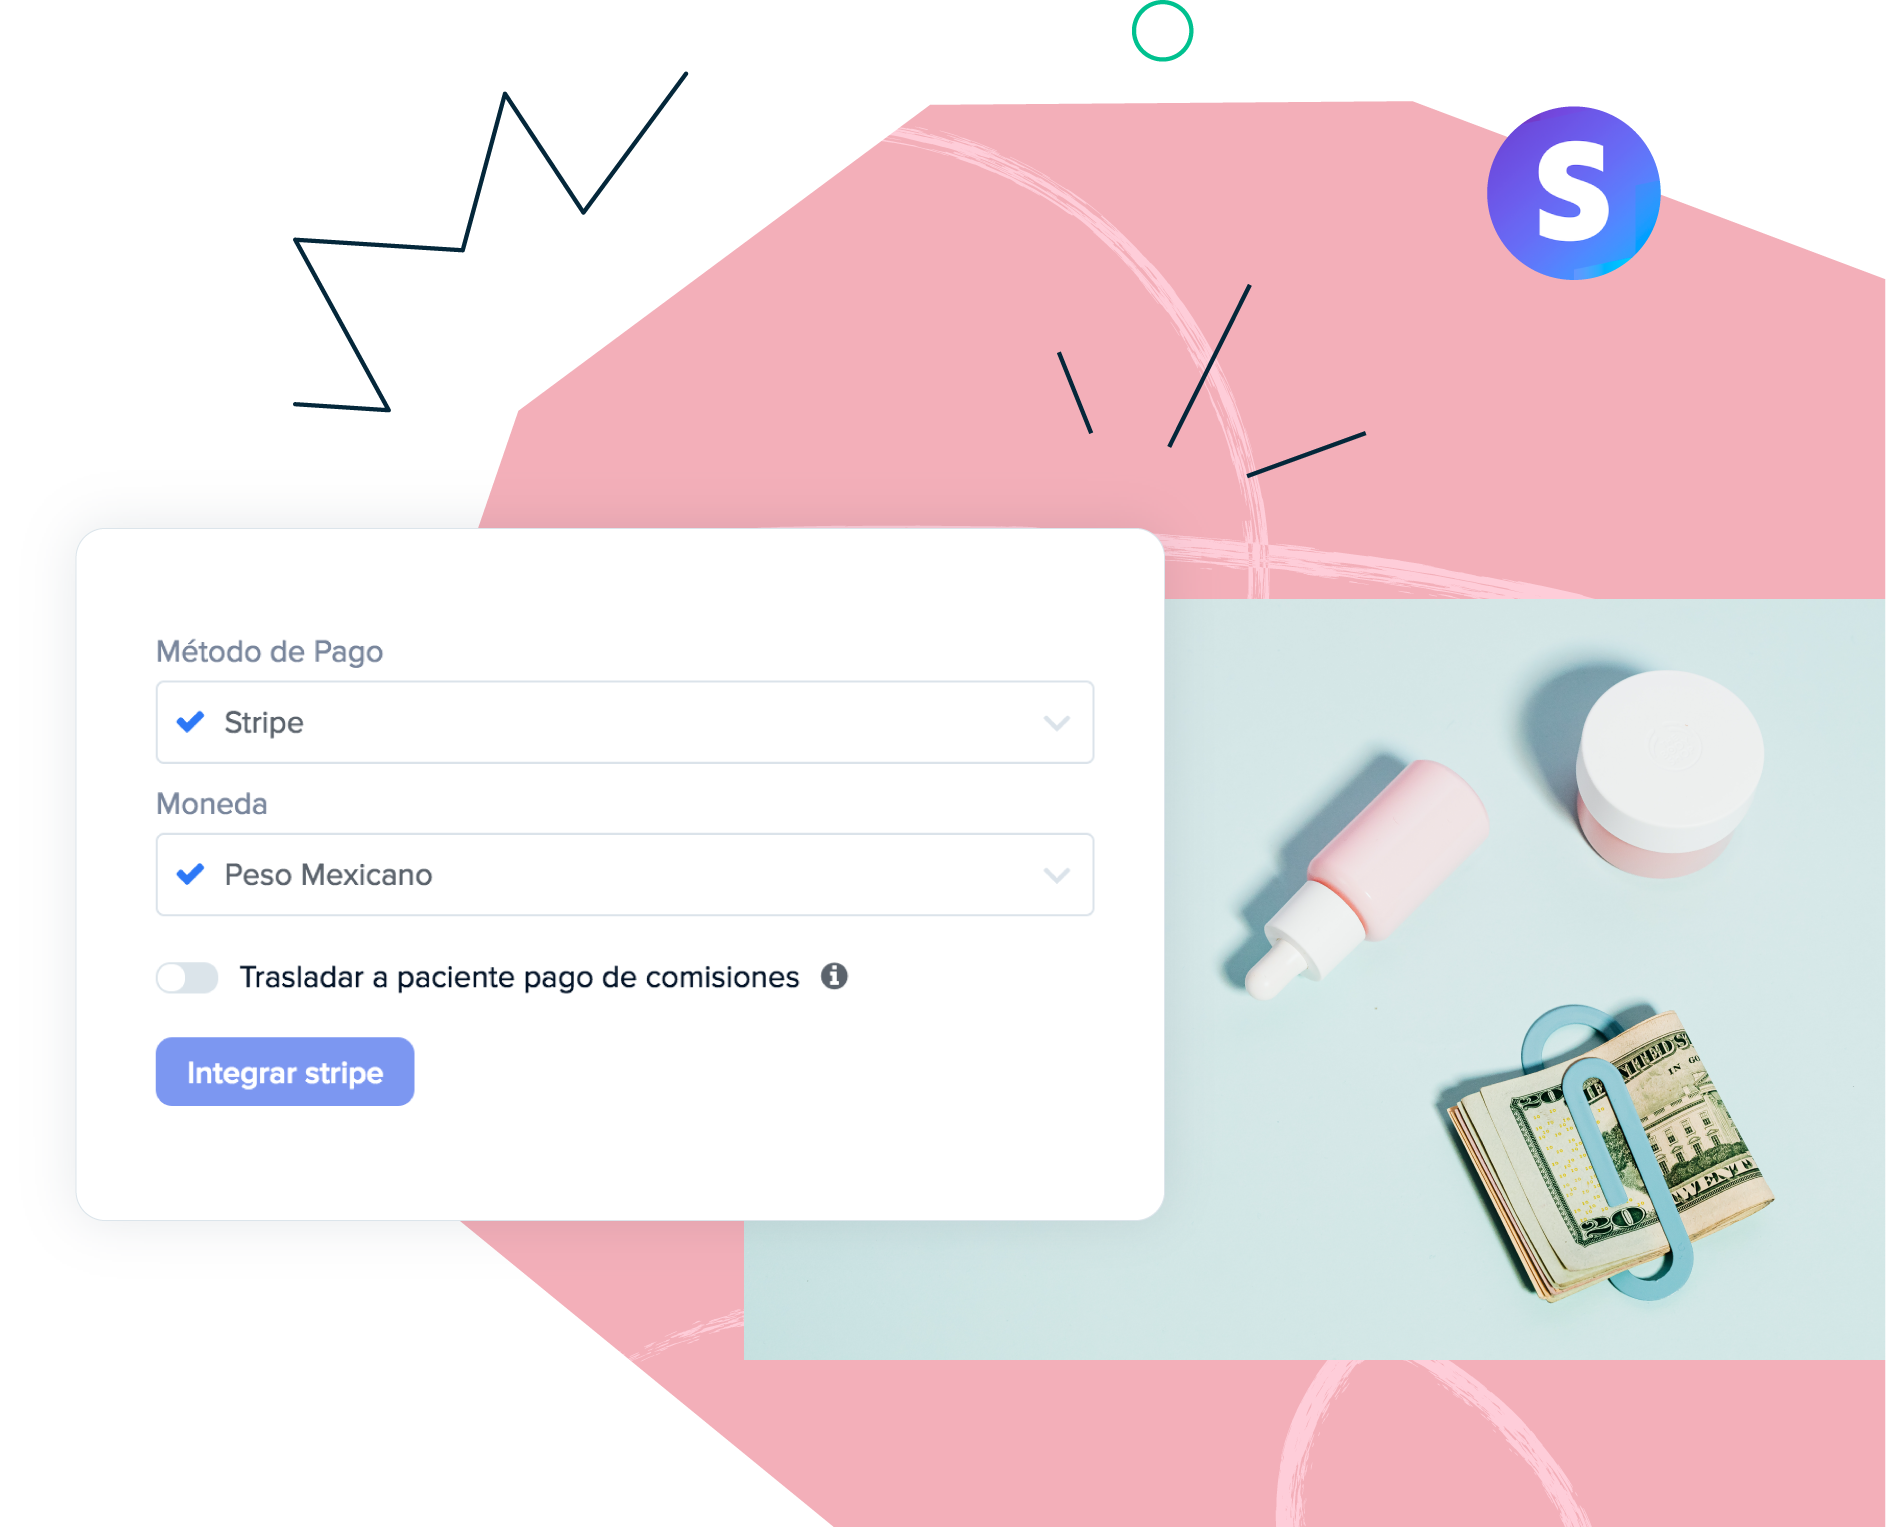 plataforma de agenda digital para medicos